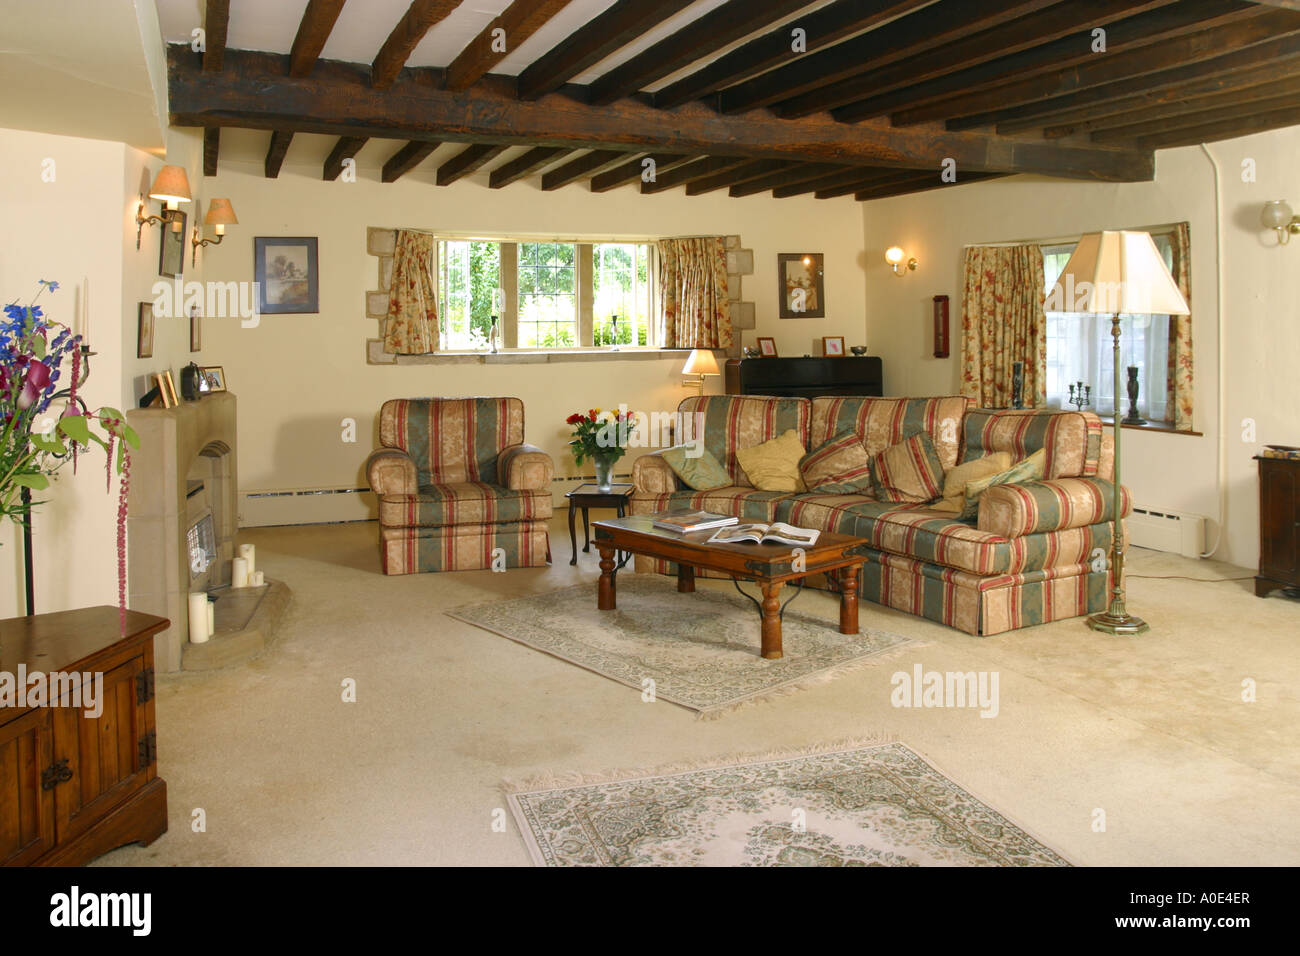 Uk Property House Interior Wohnzimmer Balkendecke Stockfoto Bild